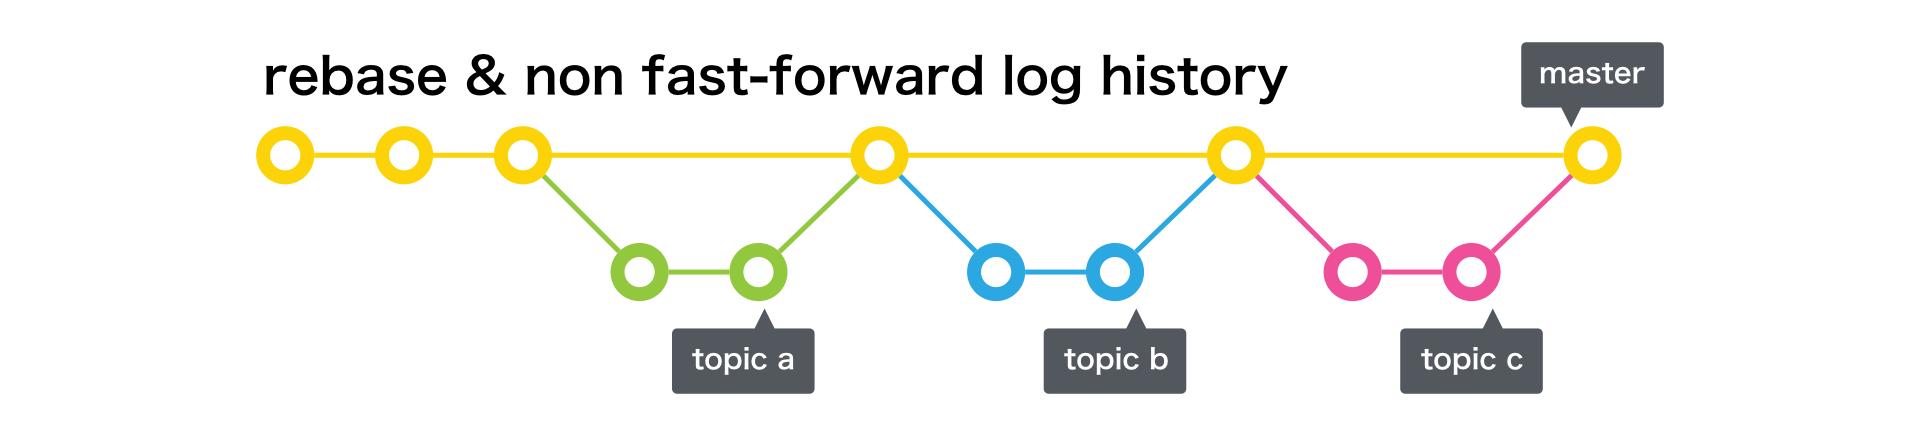 rebase & non fast-forward log history